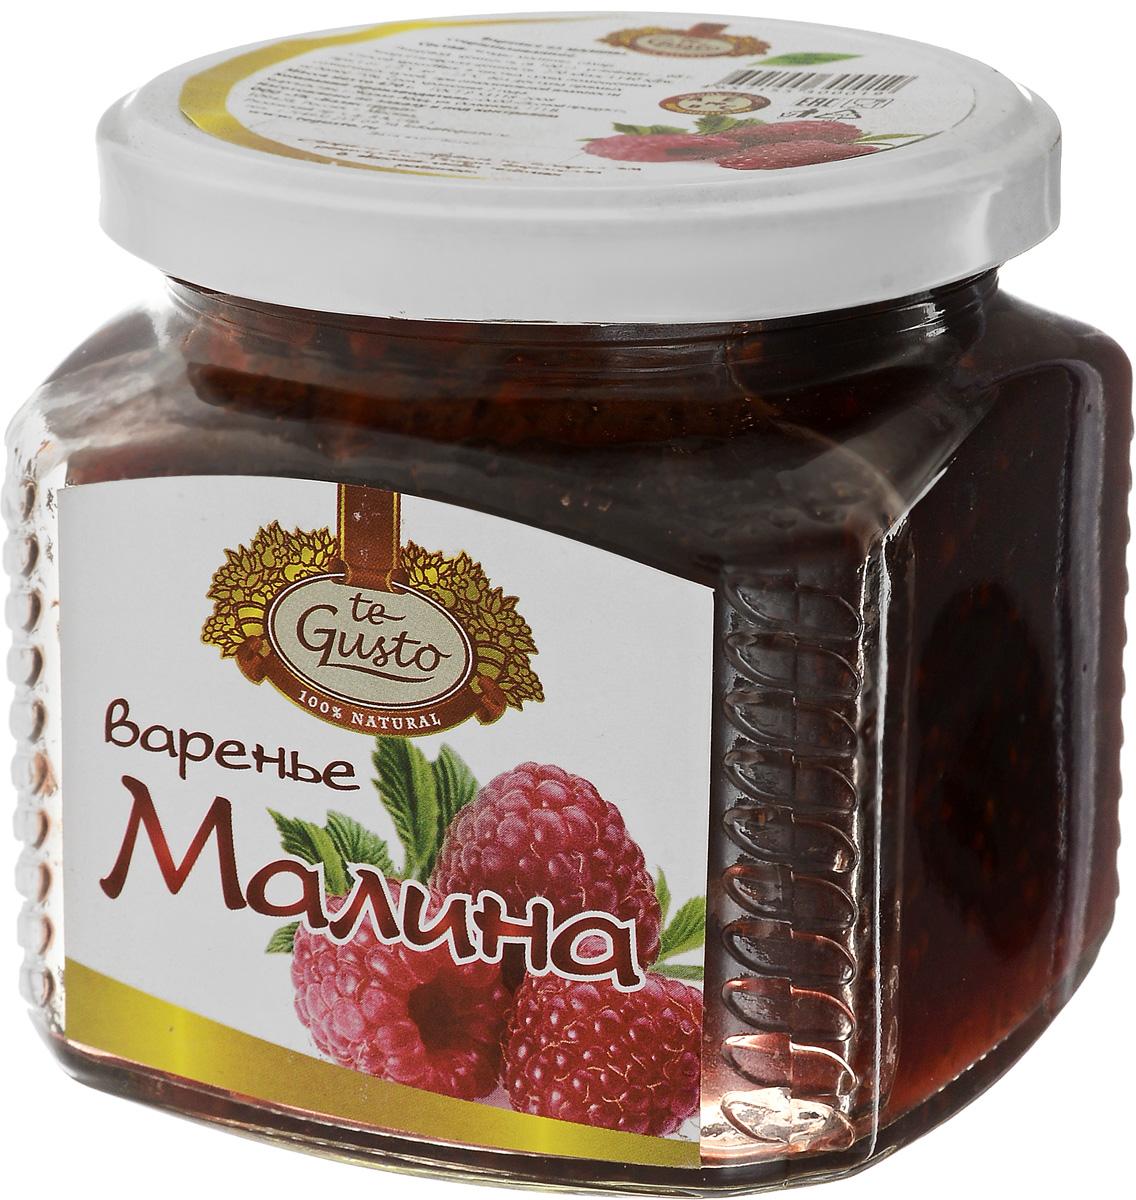 te Gusto Варенье из малины, 470 г4657155300019Вместо того чтобы бороться с простудами и инфекциями, принимая антибиотики, лучше заранее укрепить свой иммунитет, употребляя сочные ягоды малины. Помимо аскорбинки в малине достаточно много витамина А, который предохраняет от сердечно-сосудистых заболеваний, старения и рака, витамина РР, который поможет избавиться от усталости, бессонницы, улучшит аппетит и сделает кожу чистой и эластичной, витамина Е - главного компонента омолаживающих кремов для лица, и витамина В2, который способен победить прыщи, справиться с перхотью и сделать тусклые ломкие волосы густыми и блестящими. А поскольку все эти витамины являются антиоксидантами, поедание малины благоприятно отразится на вашей внешности. Главное богатство этой ягоды - салициловая кислота, которая способна справляться с бактериями и обладает жаропонижающим эффектом. Причем если другие ягоды при варке лишаются большей части полезных веществ, то малина в виде варенья справляется с простудой еще лучше, чем в свежем виде. Таким же...